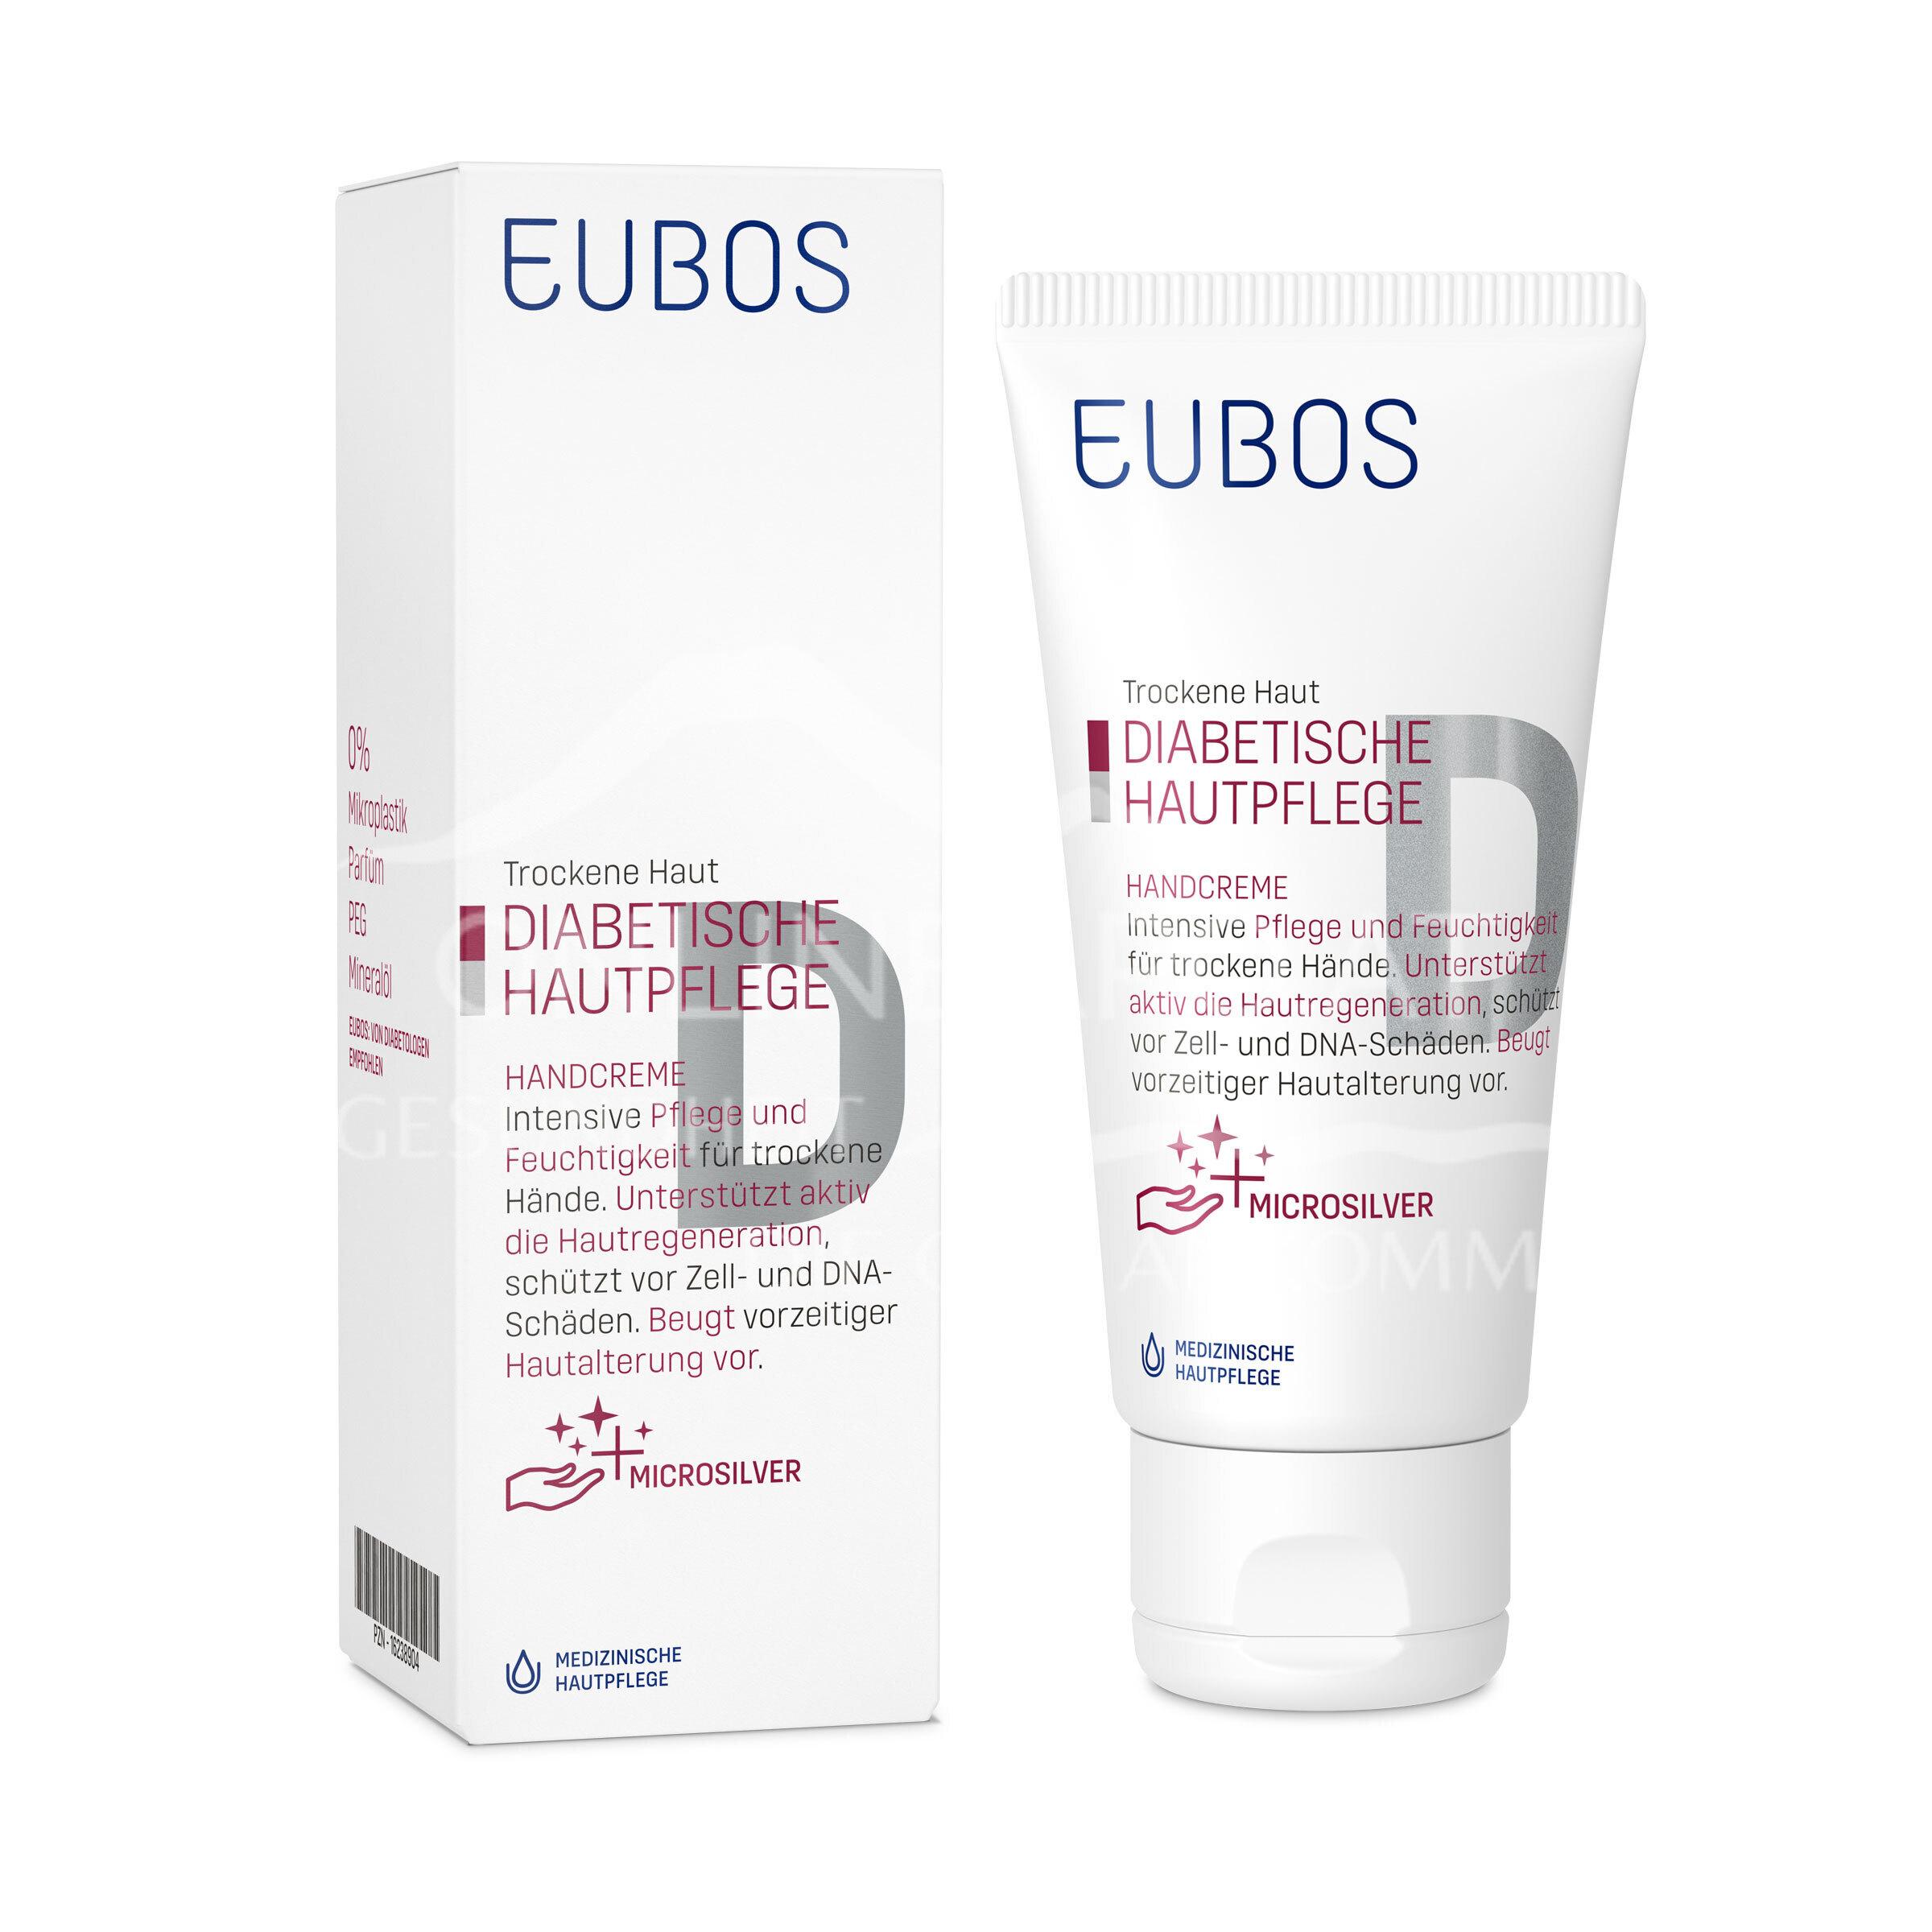 Eubos Diabetische Hautpflege Handcreme